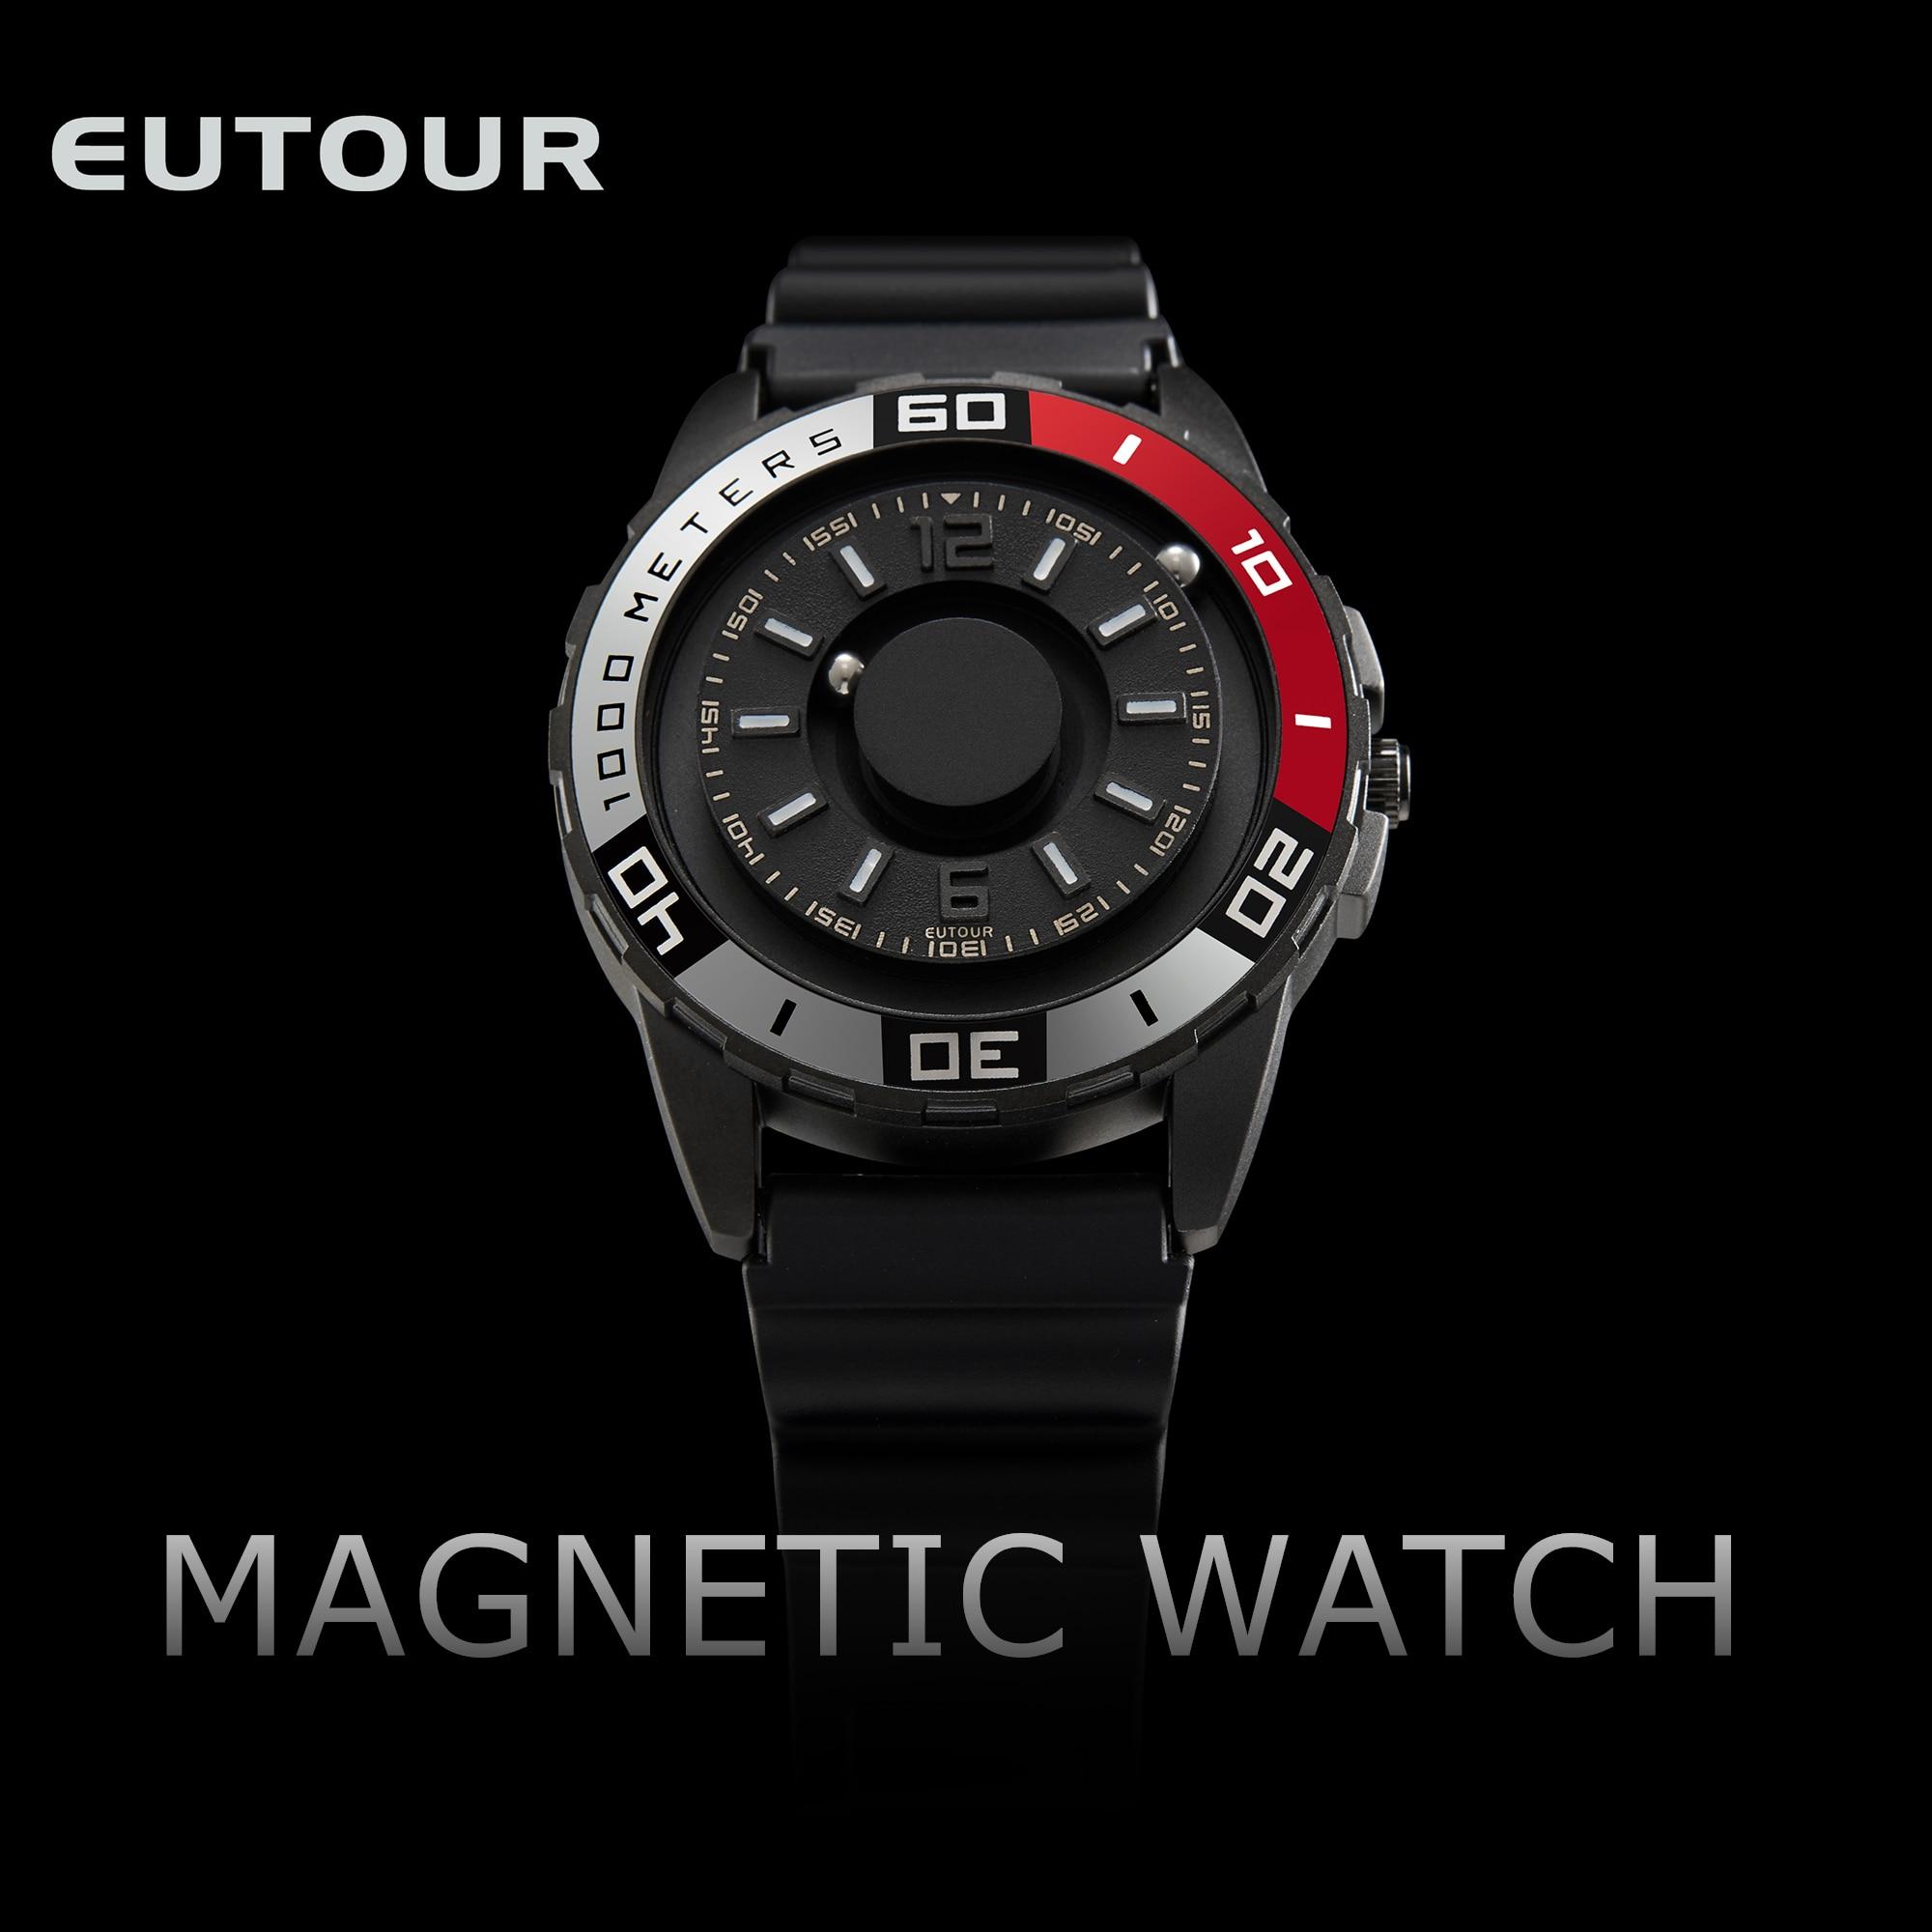 ساعة كوارتز مغناطيسية للرجال ، فريدة من نوعها ، مع مؤشر كرة معدني ، متعددة الوظائف ، لمسة عمياء ، عصرية ، مطاط ، رياضي ، حزام قماش